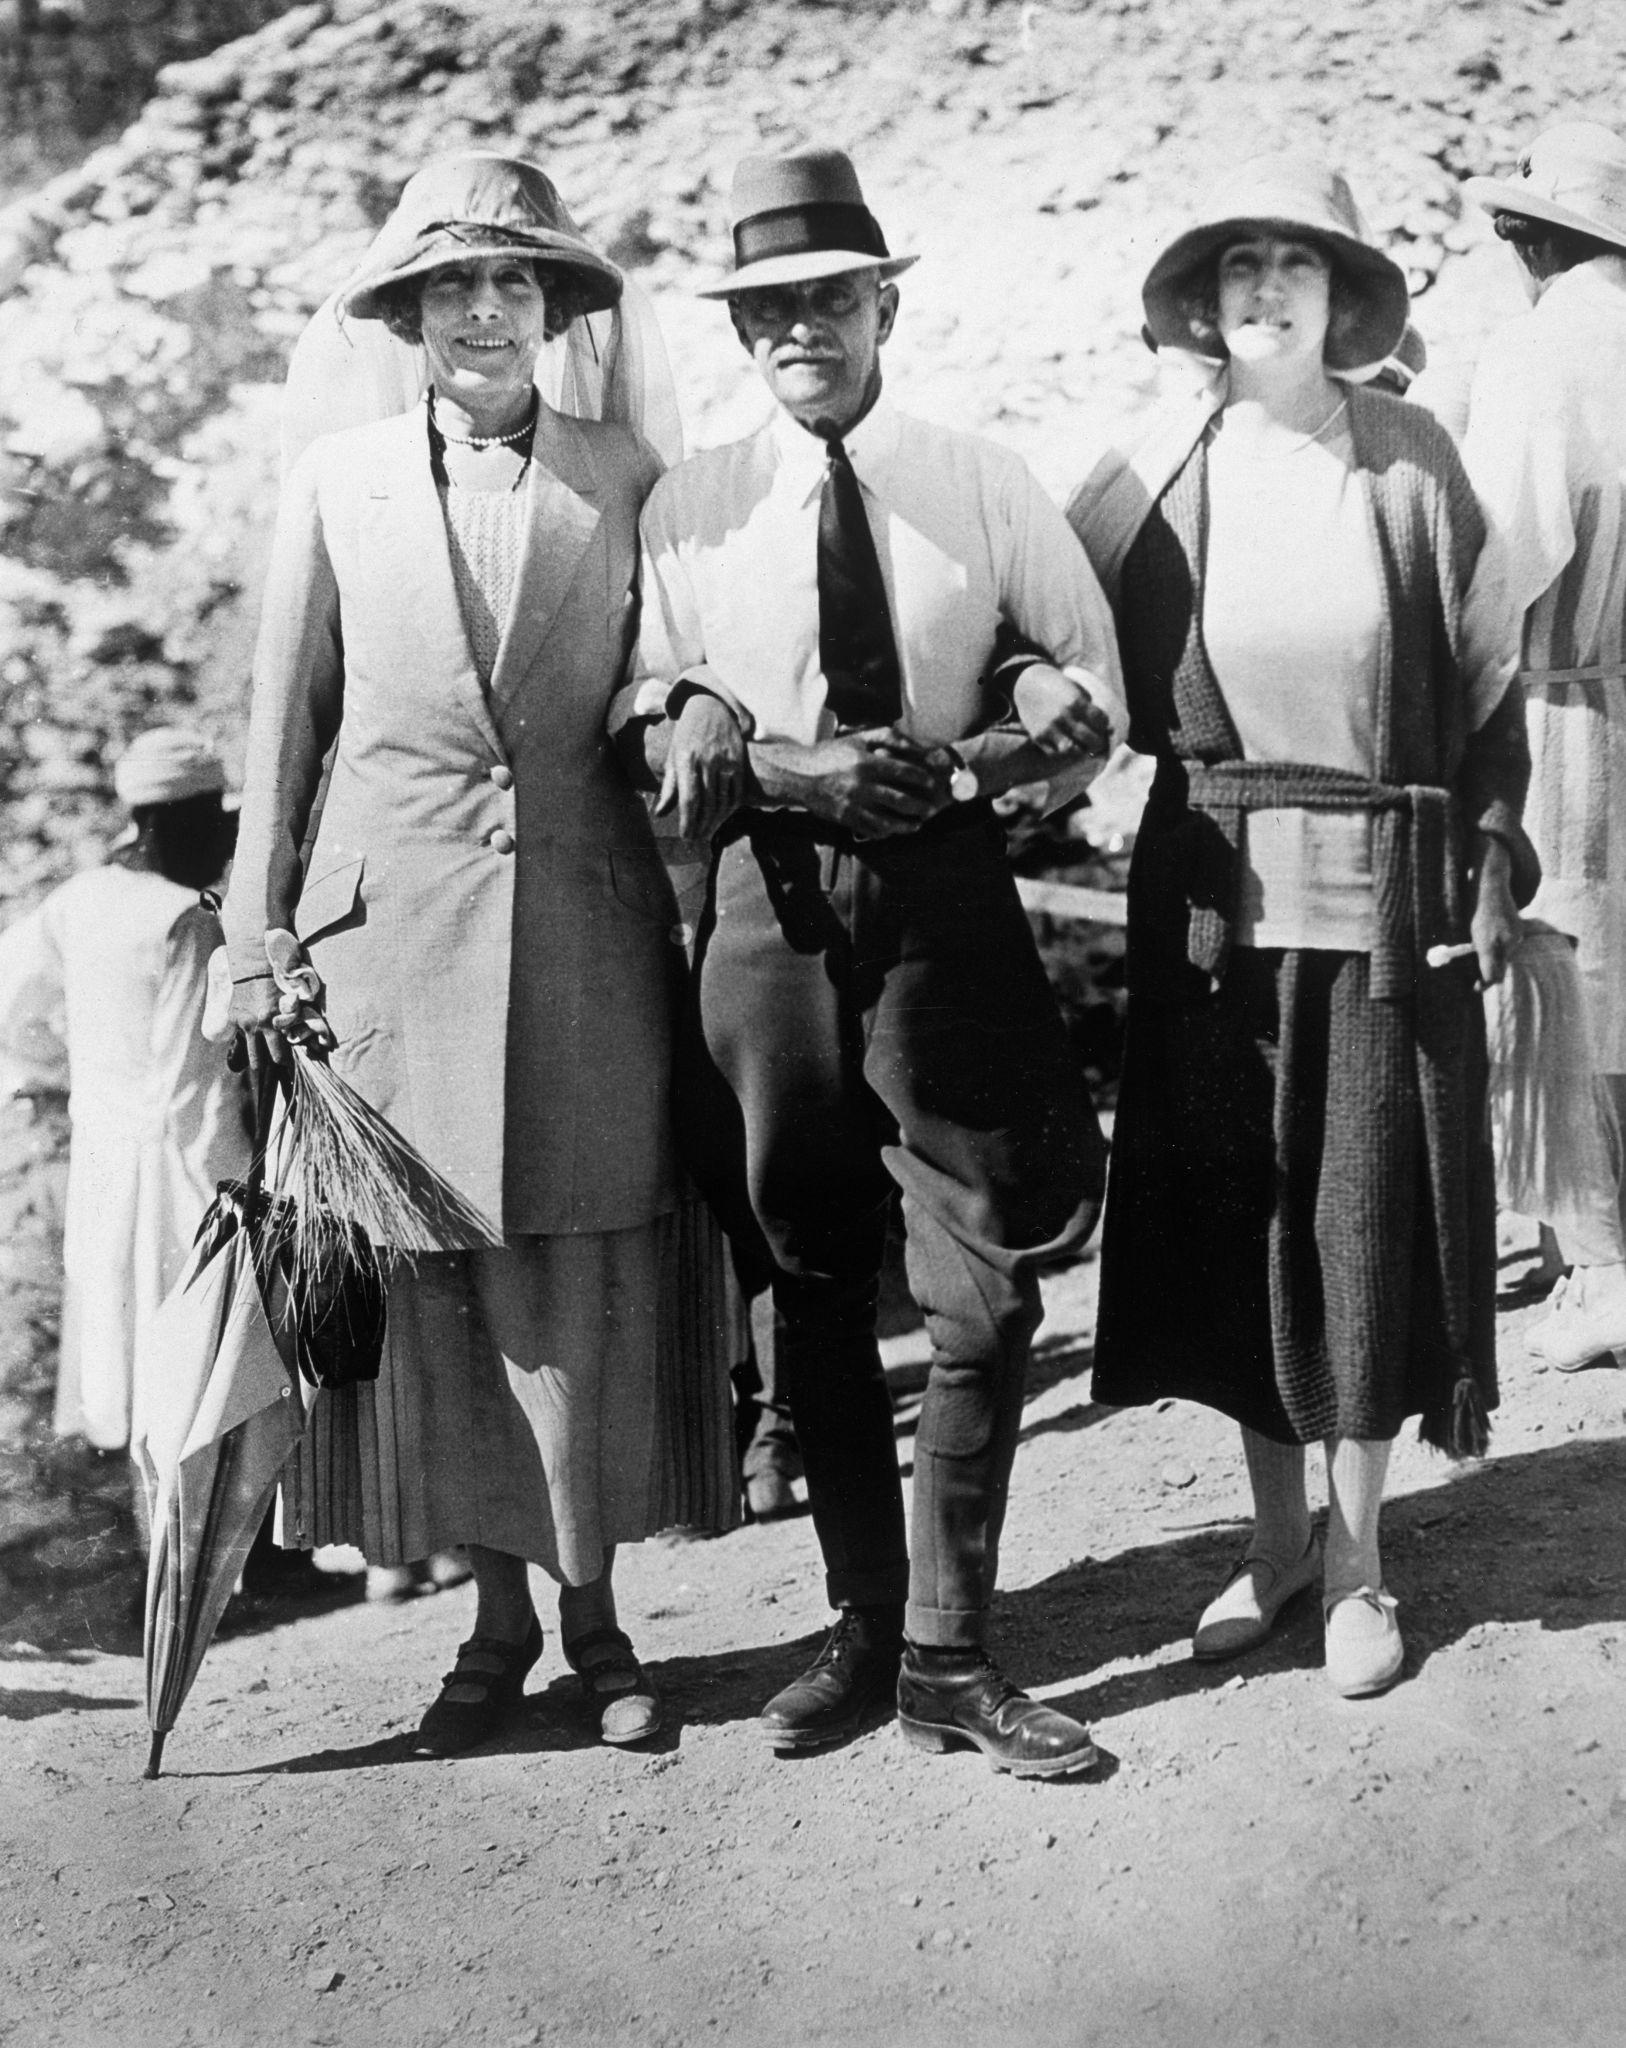 1922. Посетители гробницы Тутанхамона: леди Сомерлейтон, полковник Уотсон-паша и достопочтенная леди Александер